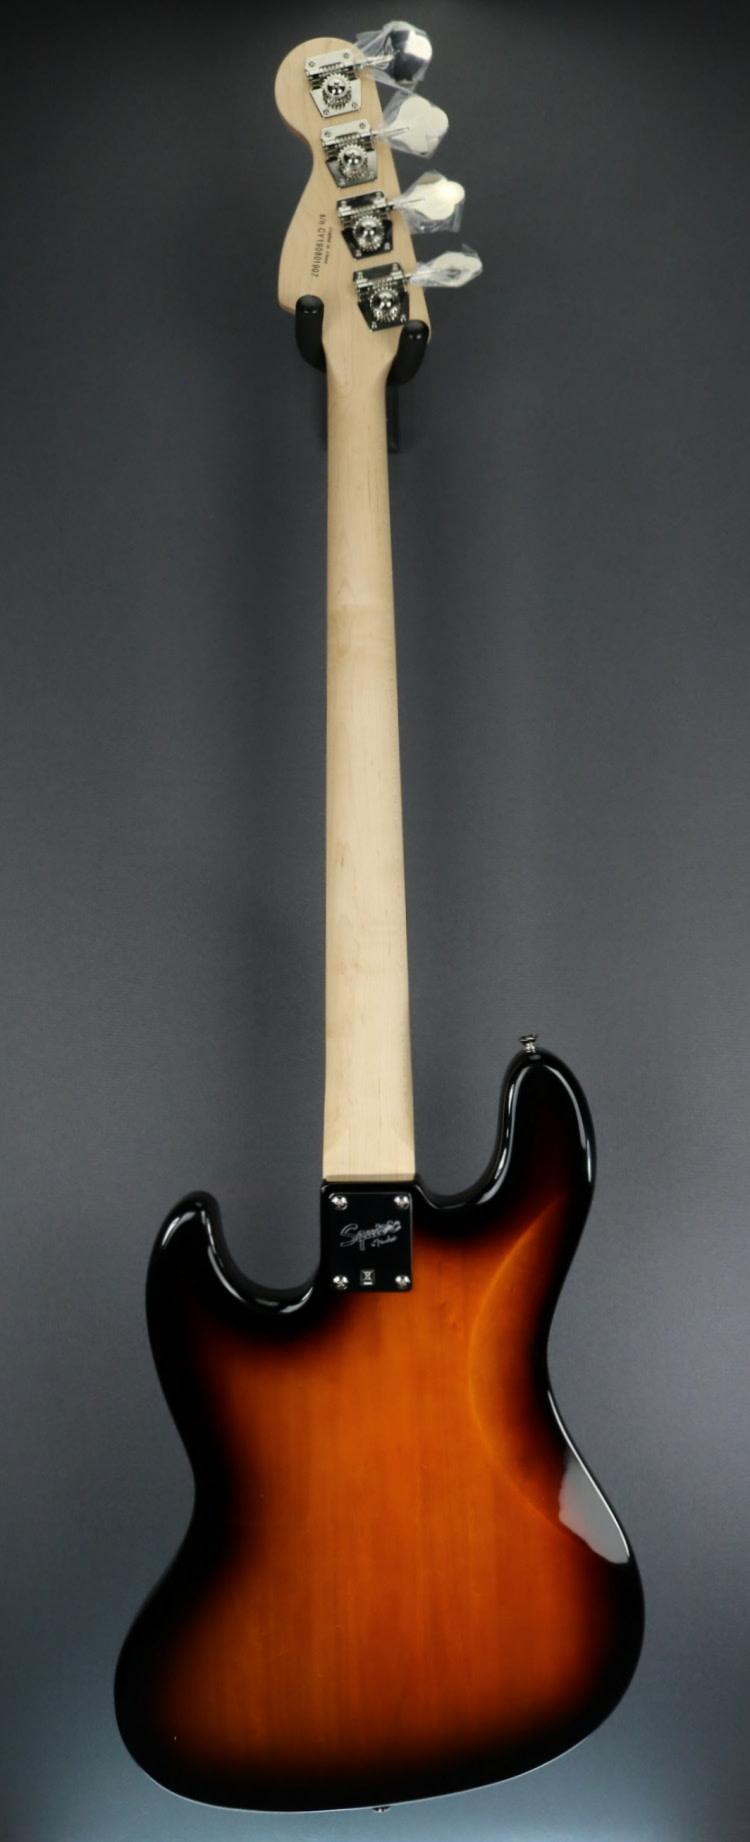 Squier DEMO Squier Affinity Series Jazz Bass - Brown Sunburst (907)